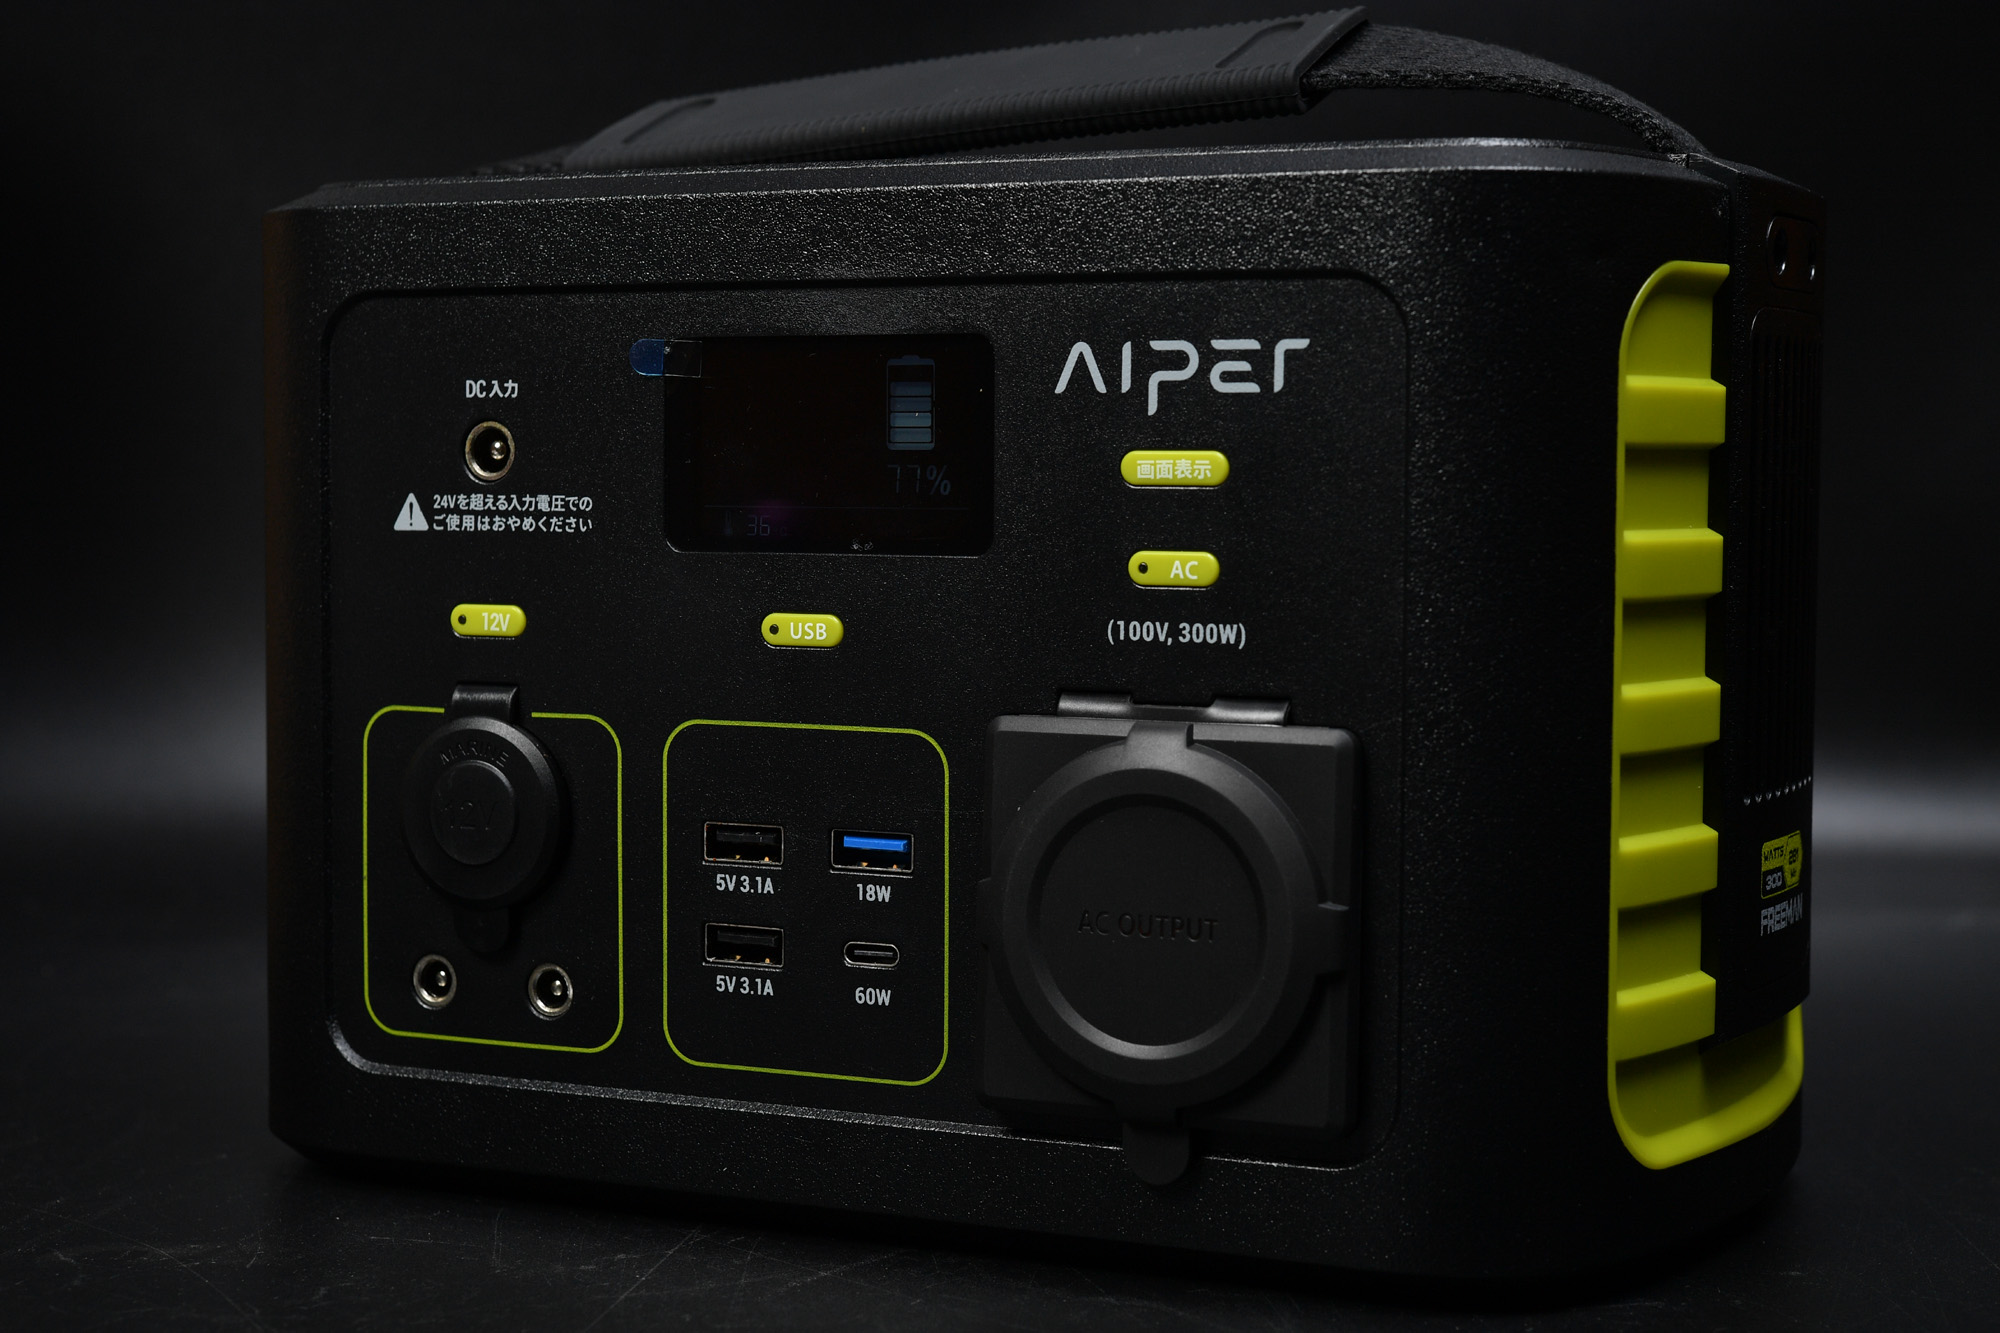 ポータブル電源 アイパー (Aiper) FREEMAN300  78000mAh 購入レビュー